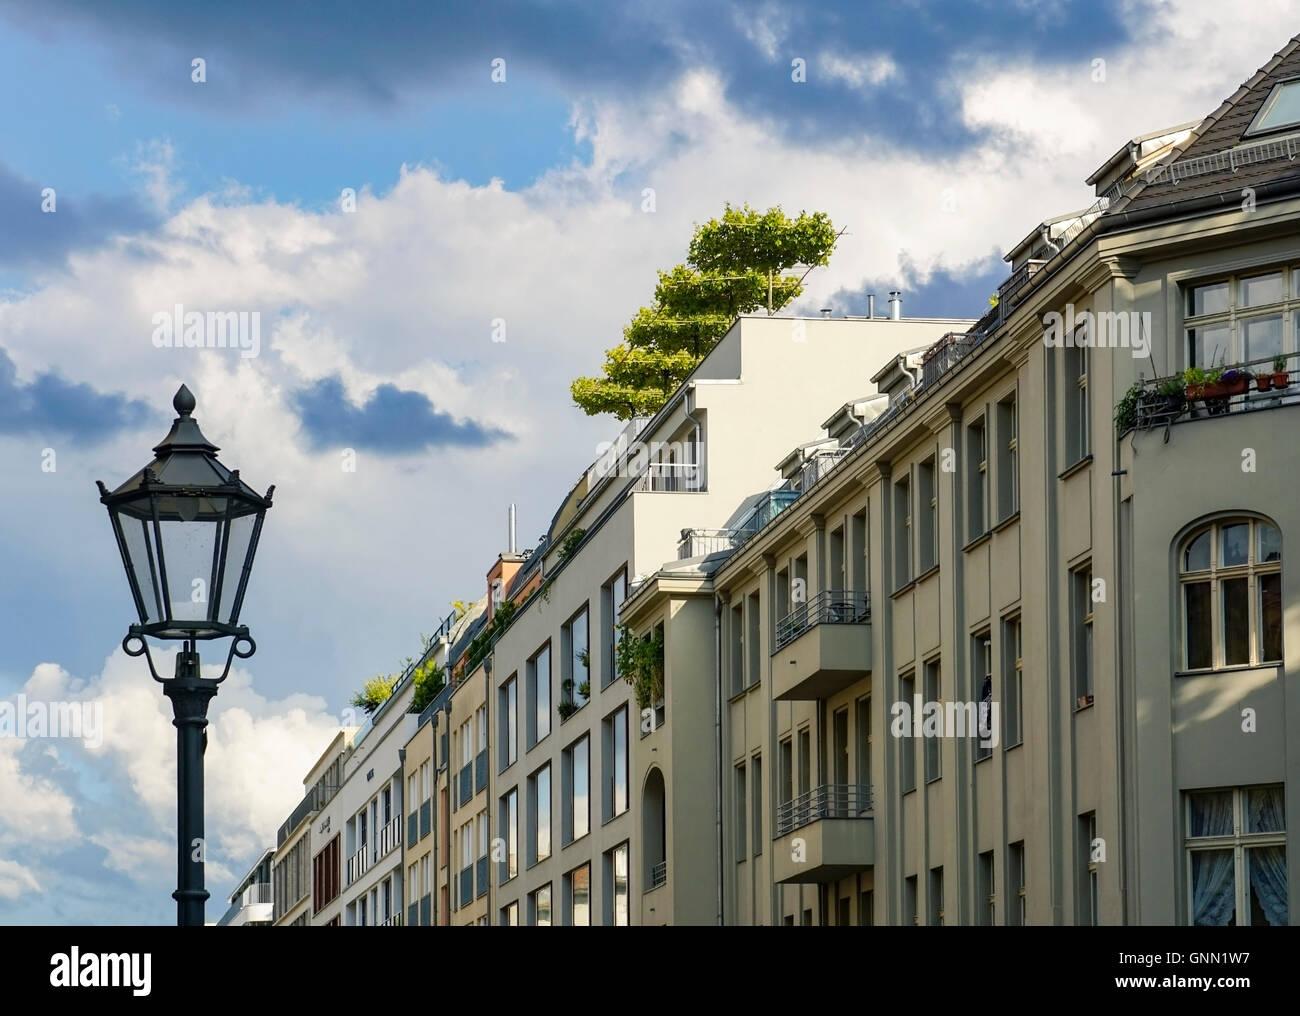 Di alta classe immobiliare con alberi sul tetto nel distretto Mitte di Berlino, Germania Foto Stock